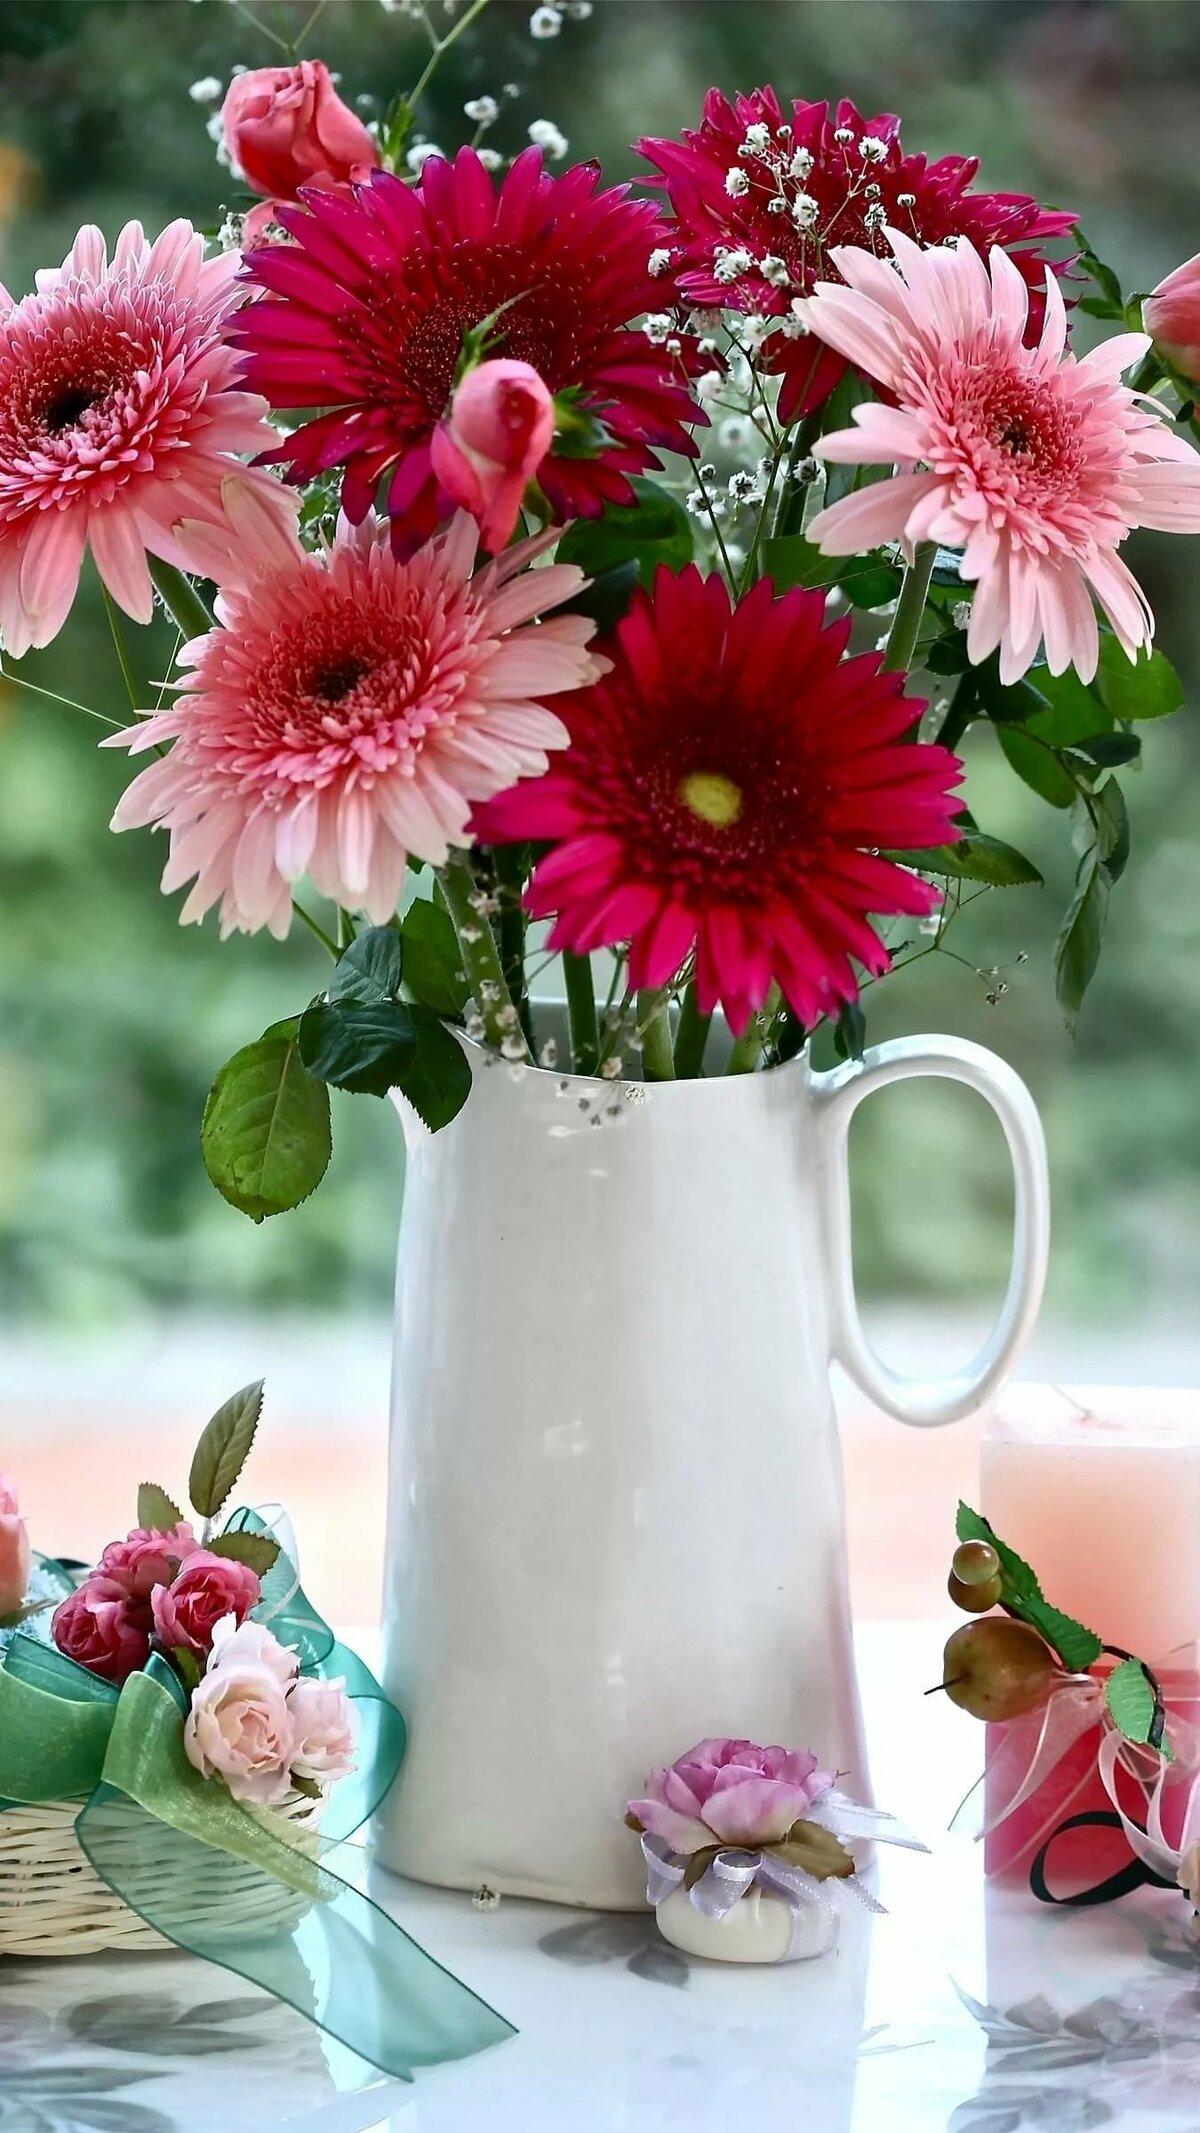 национальная картинка вертикальная цветы доброе утро интересное, что изначально